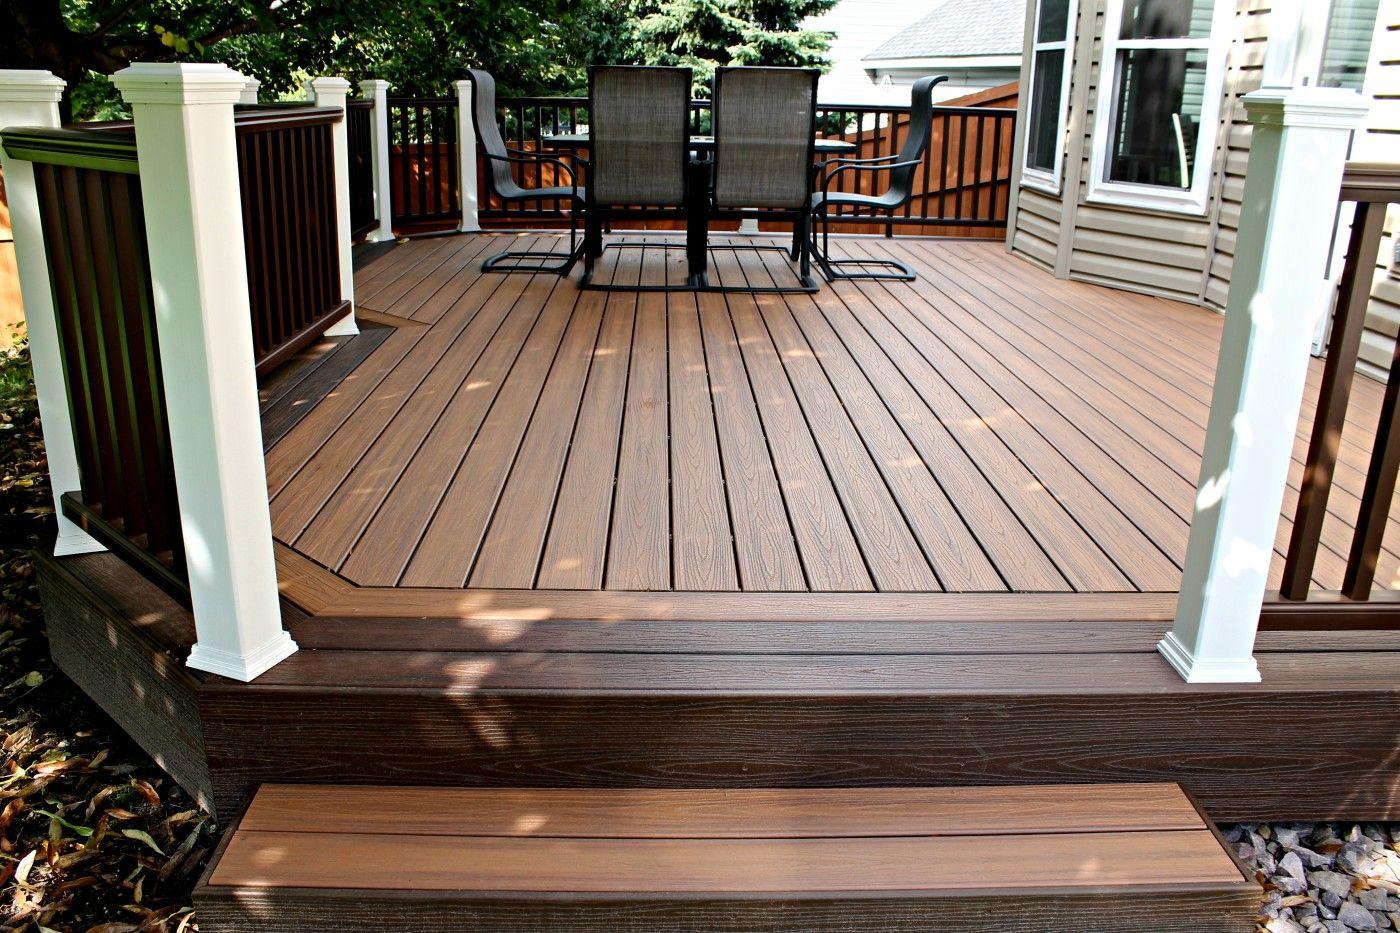 Img 6276 Jpg 1400 933 Trex Deck Designs Trex Deck Deck Design